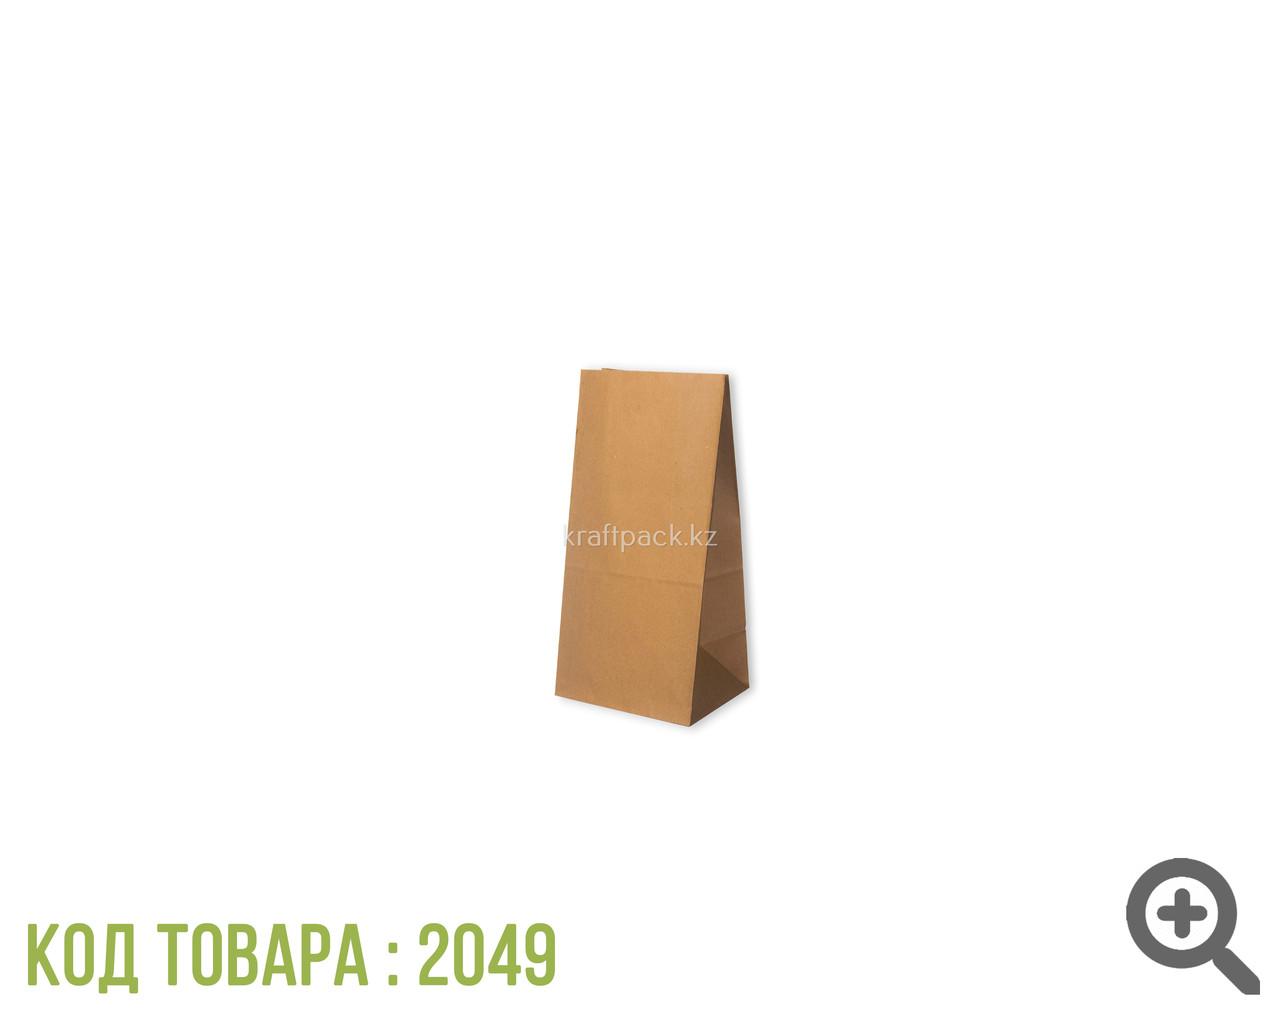 Пакет крафт фасовочный, с прямоугольным дном 80*50*180 мм (800 шт/уп)